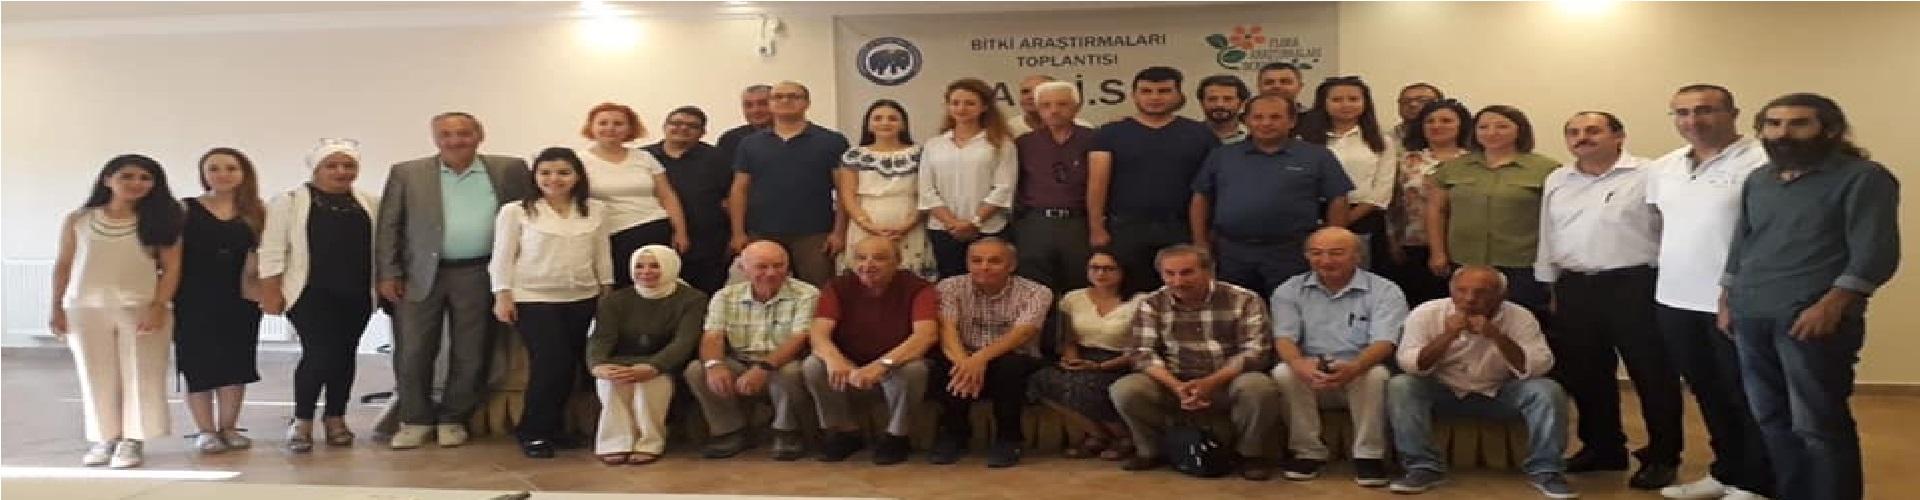 P.A.R.İ.S 8 Toplantısı